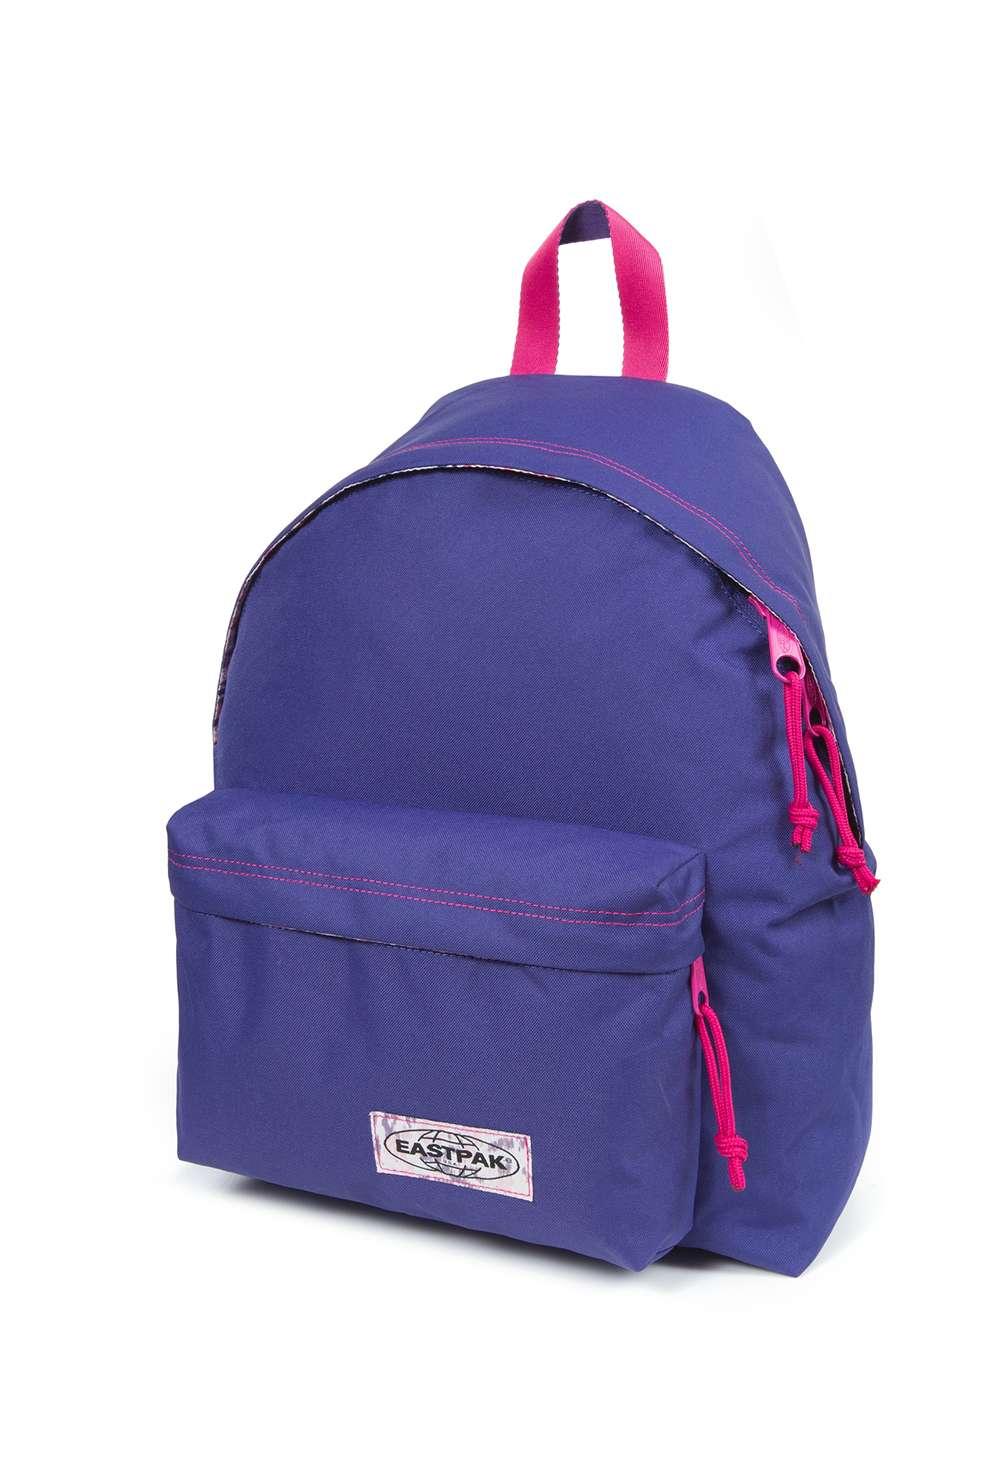 eastpak padded pak 39 r ek620 40m varnish triangle sac a dos backpack bag racksac ebay. Black Bedroom Furniture Sets. Home Design Ideas